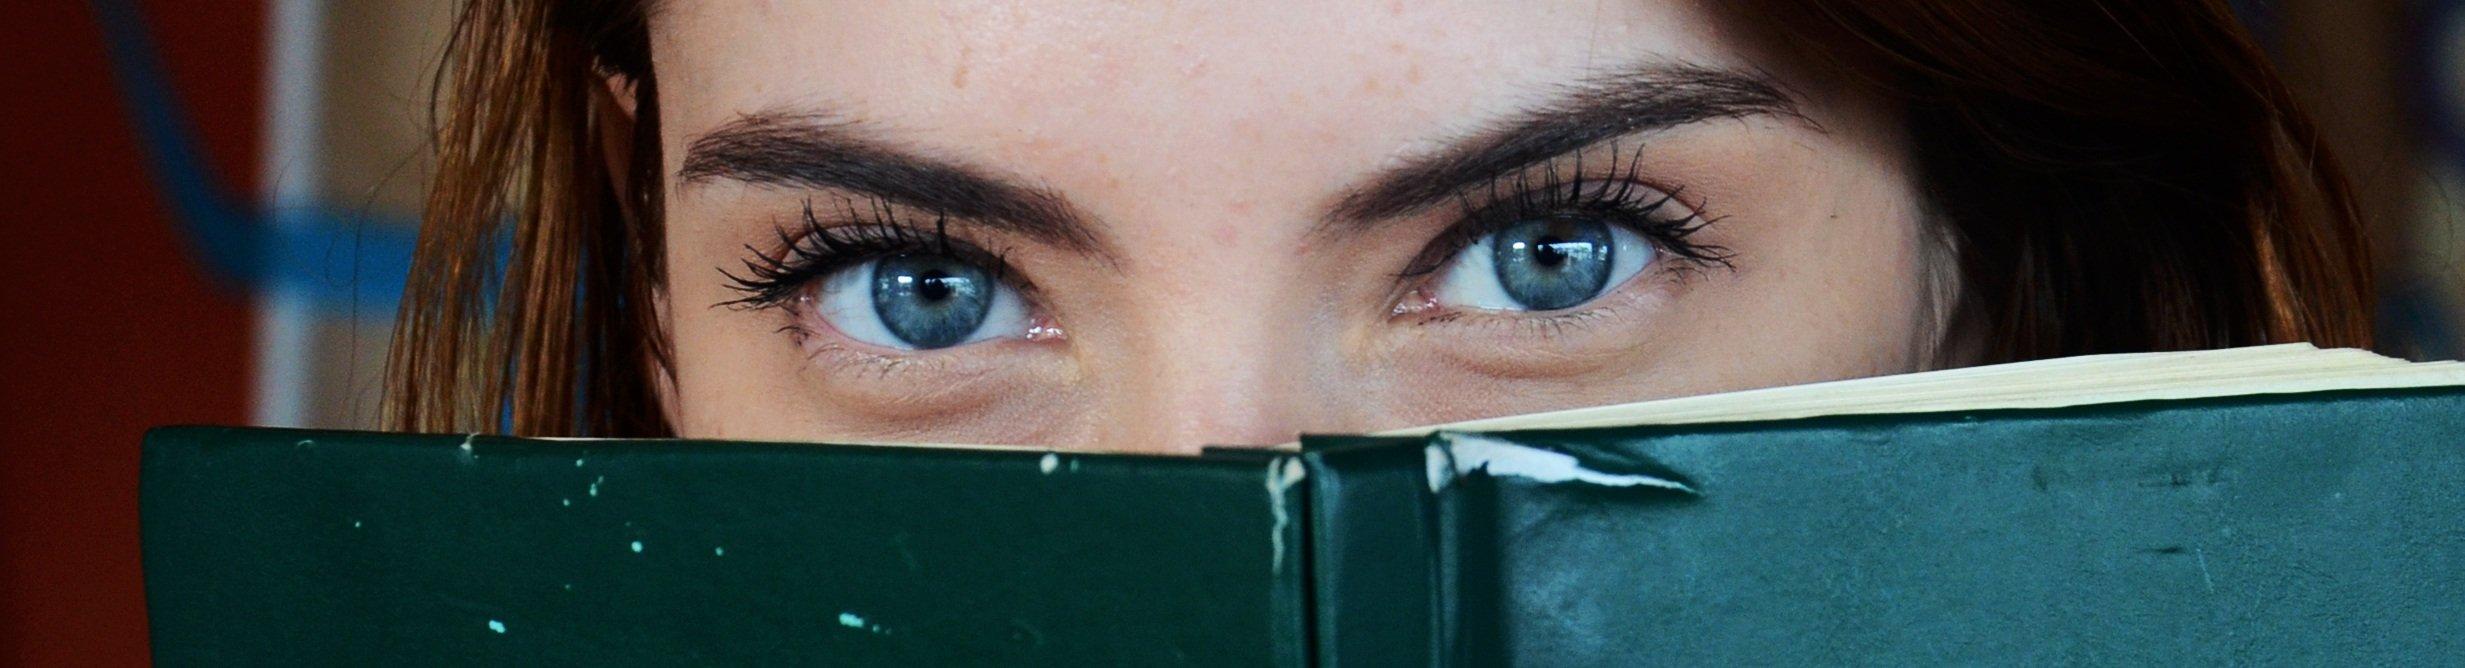 two eyes.jpg